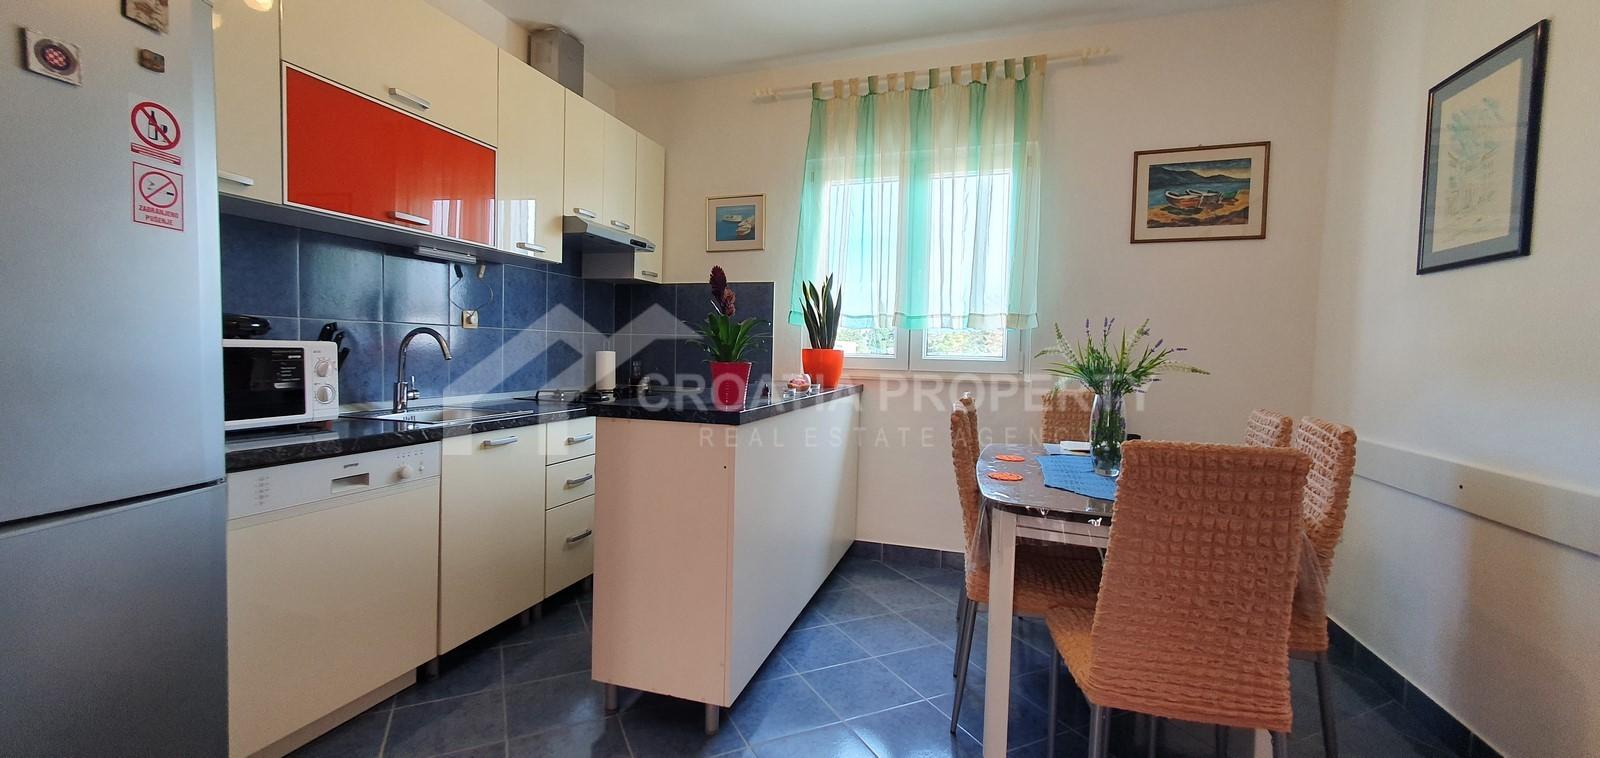 Wohnung und Studio-Apartment Supetar verkauf